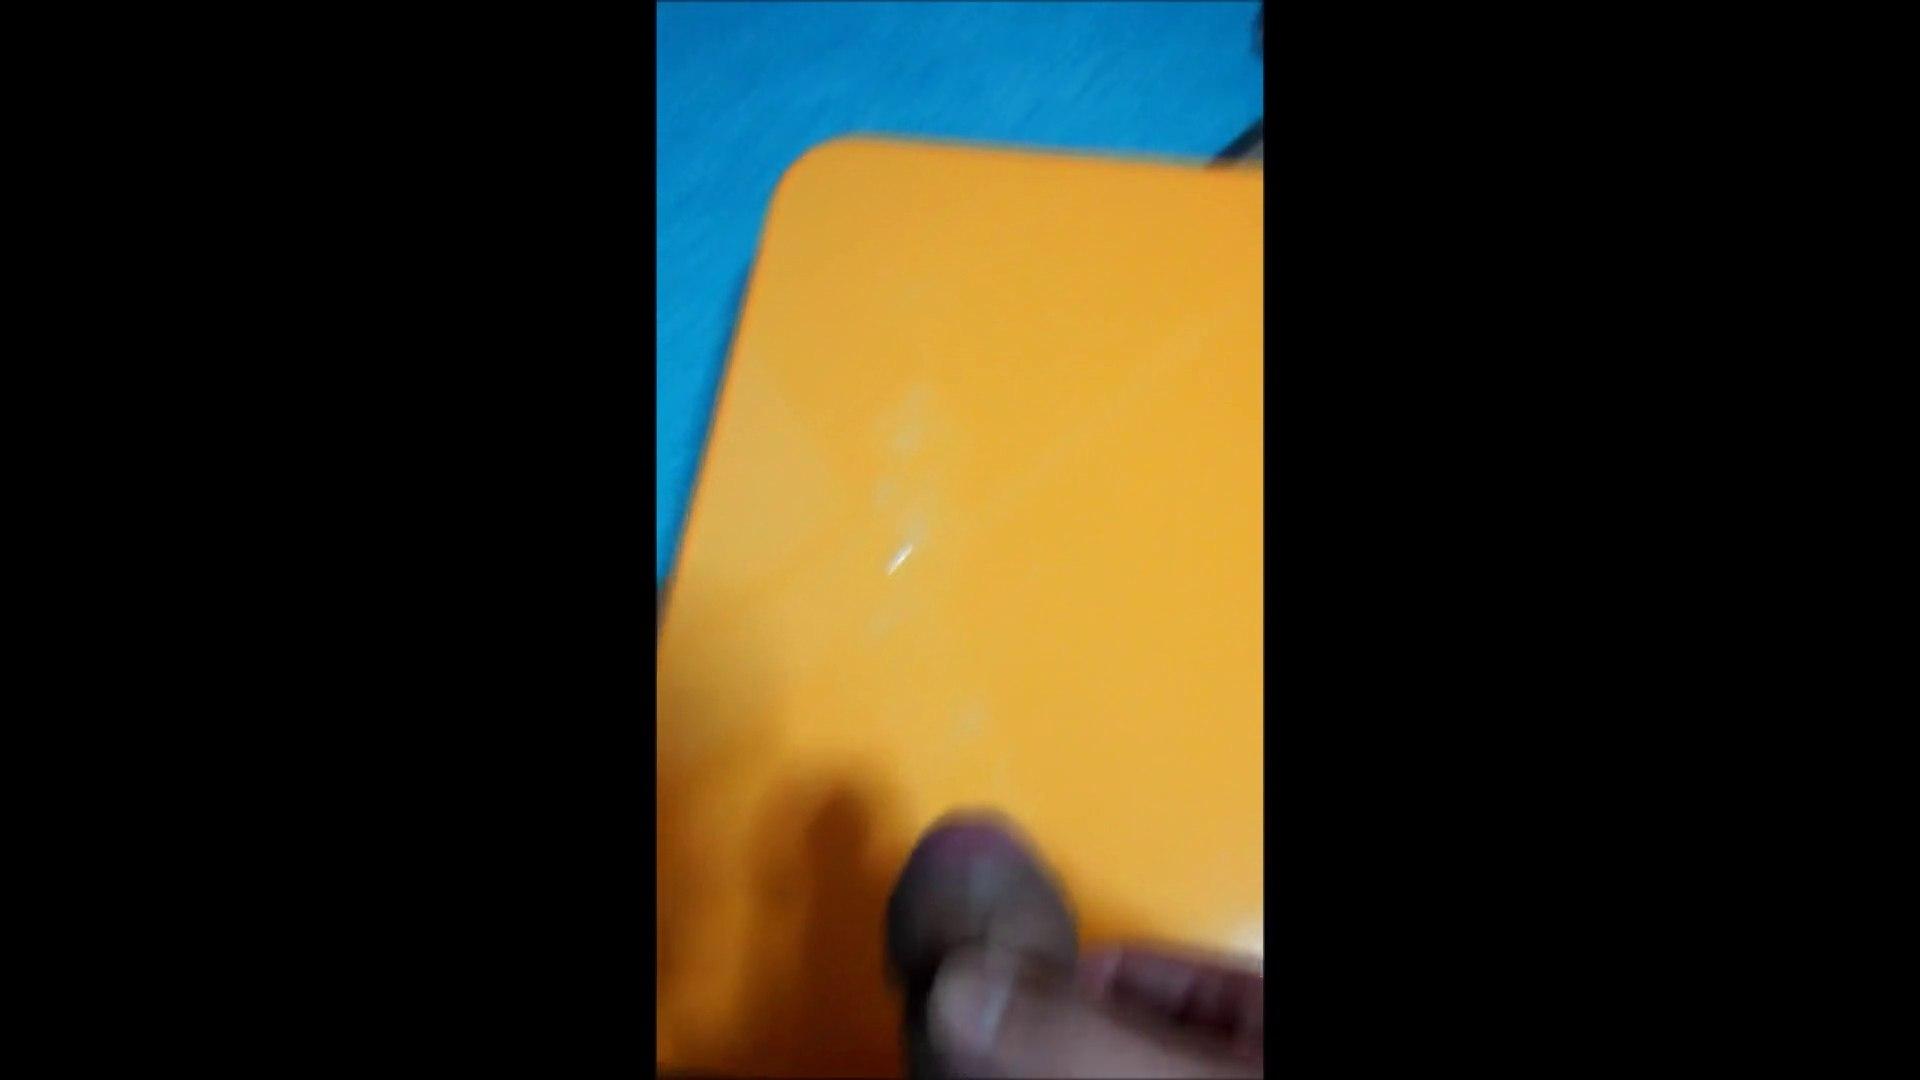 大人の男を夢見るBOYS Vol.02 オナニー アダルトビデオ画像キャプチャ 102pic 24